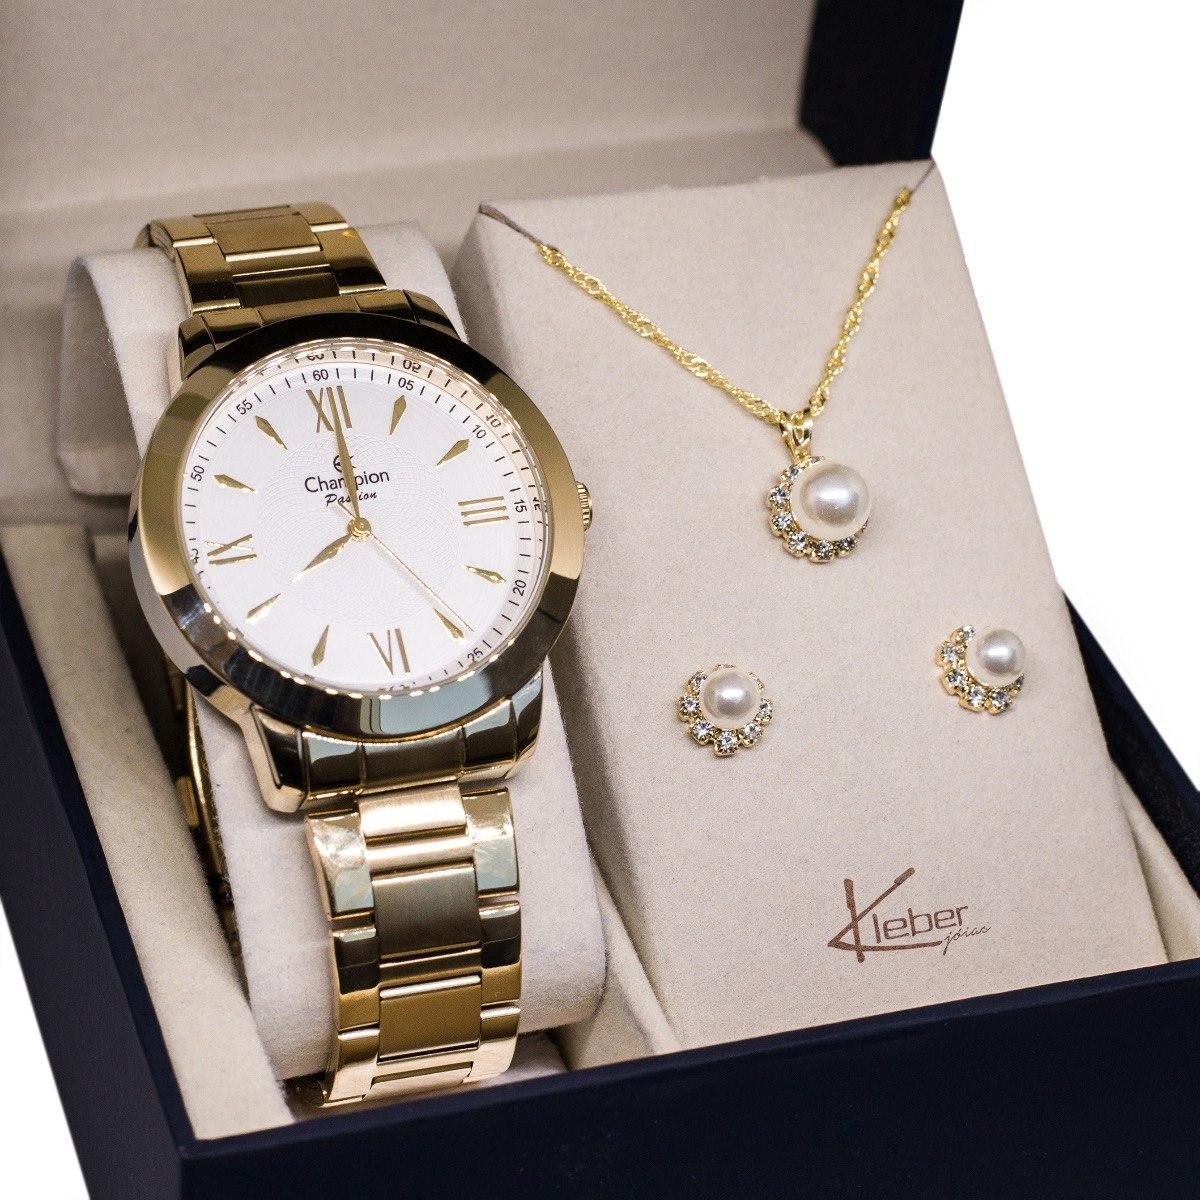 65be2c65905 Relógio Champion Feminino Dourado Ch24697h Kit Colar Brincos - R  183